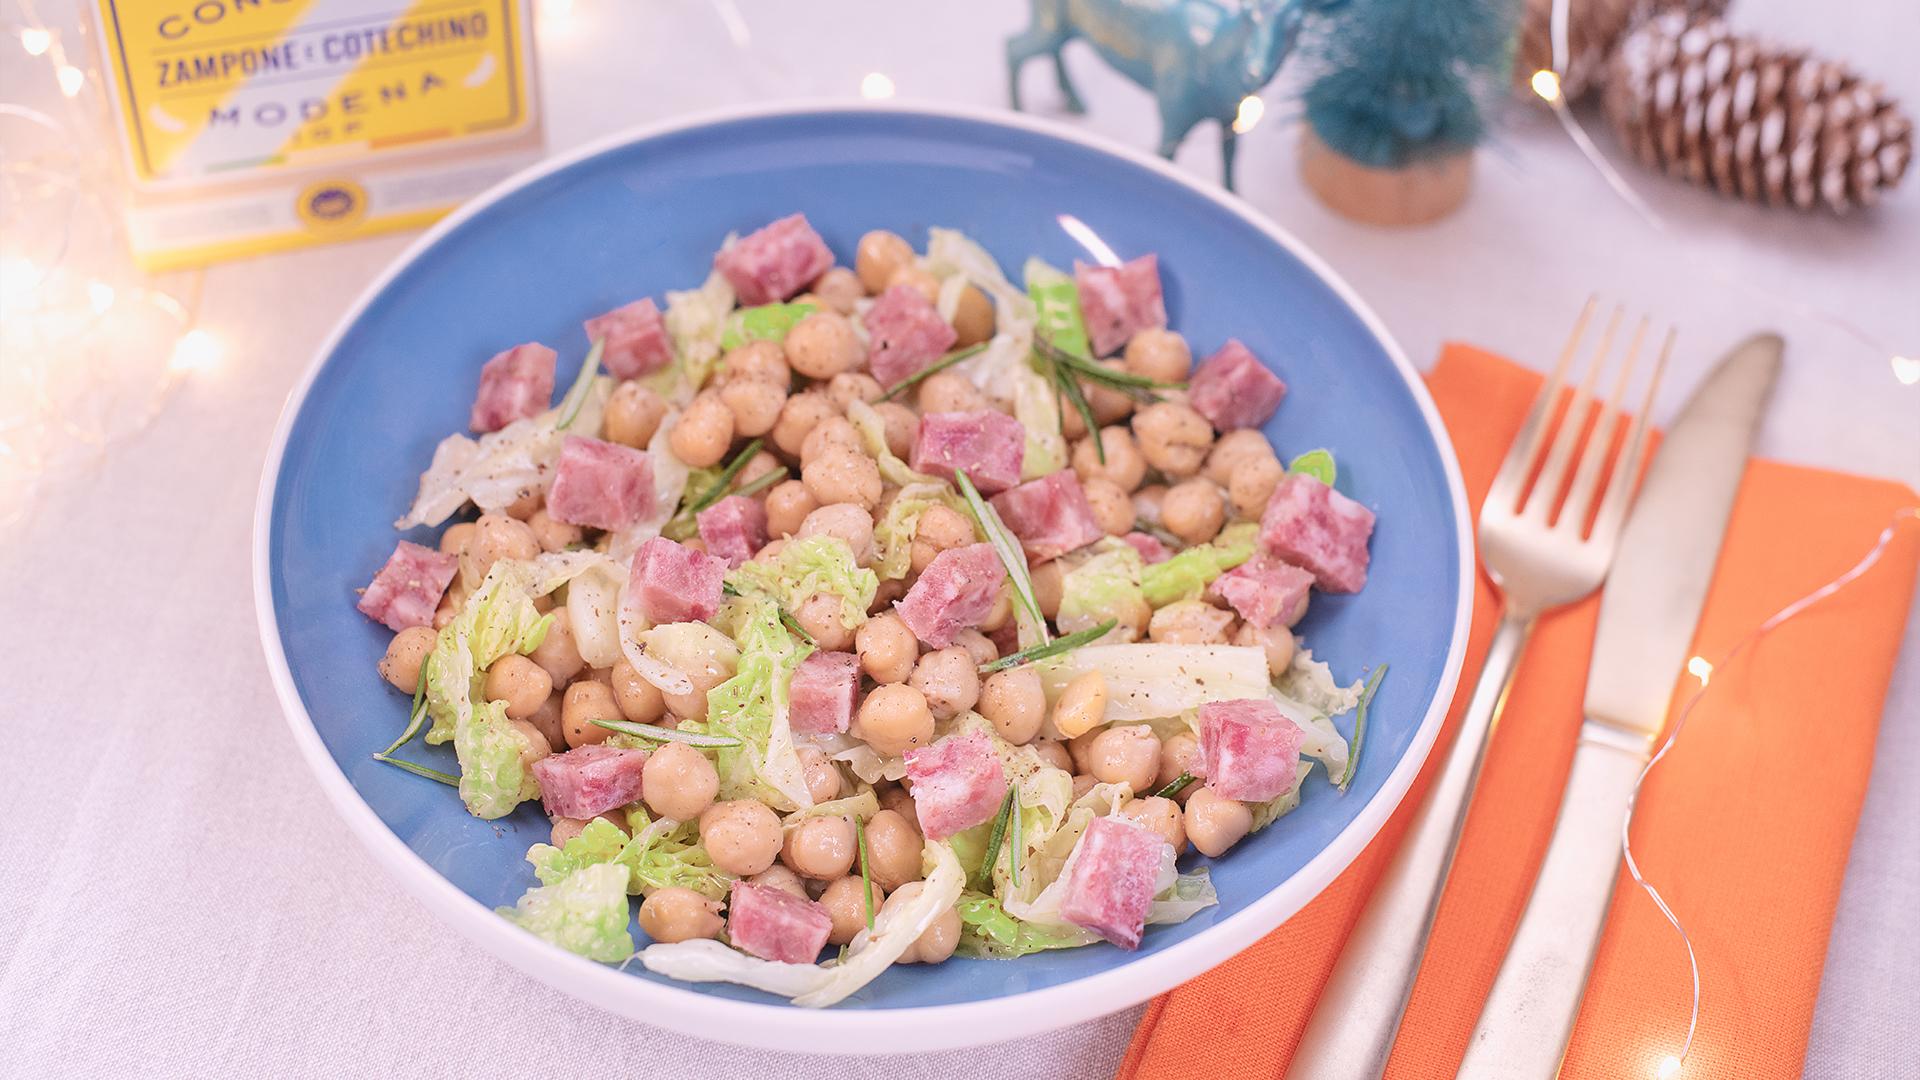 Ricetta insalata di Cotechino Modena IGP con ceci e verza